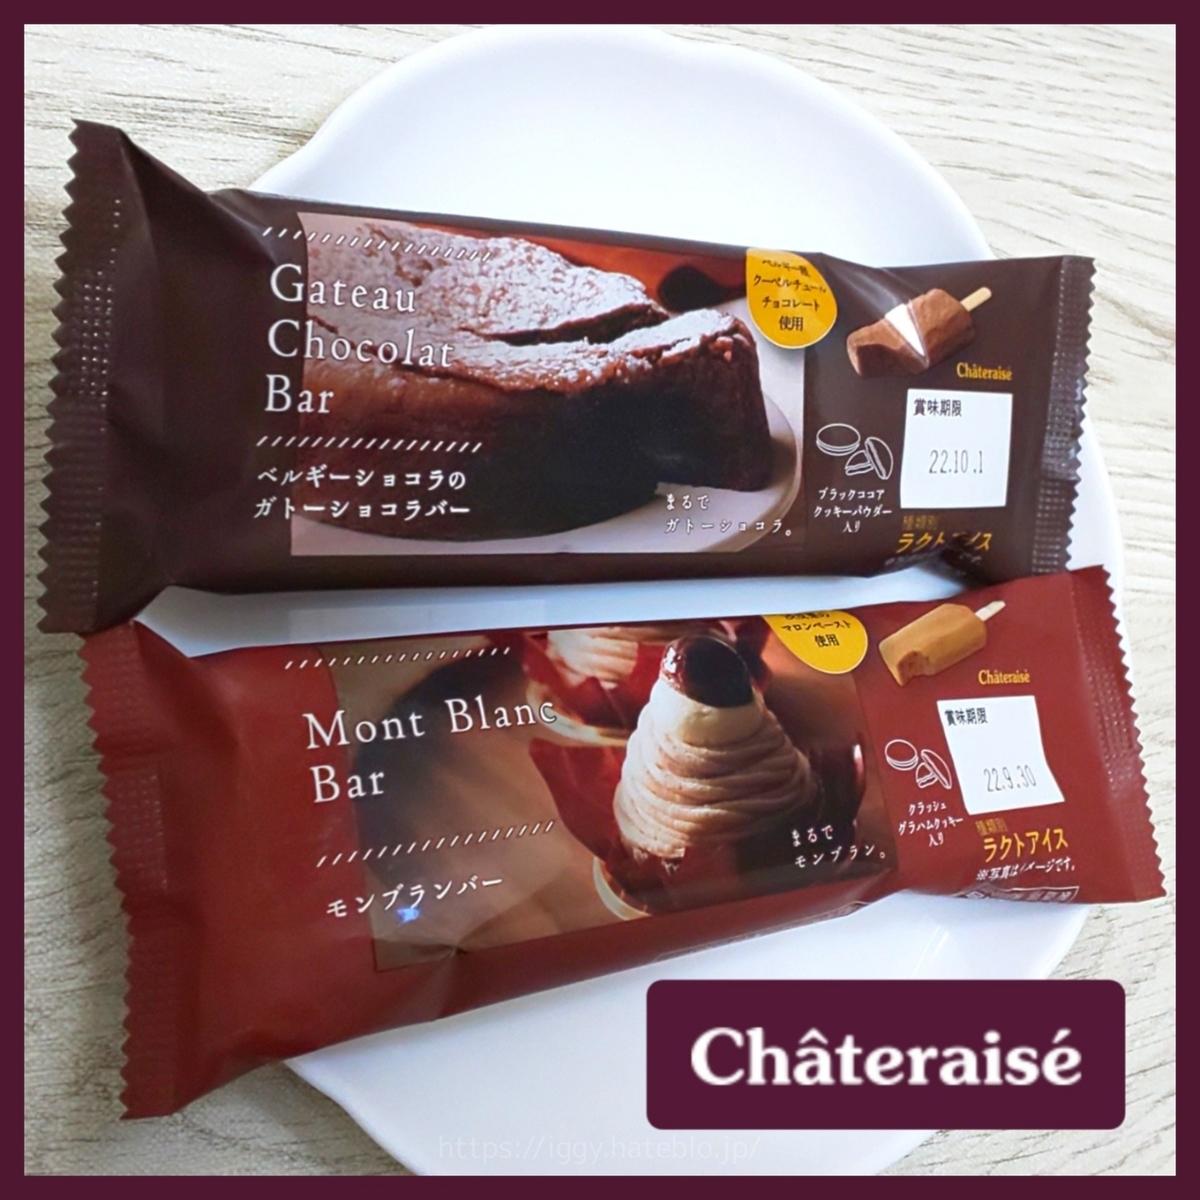 シャトレーゼ 人気アイス モンブランバー ベルギーショコラのガトーショコラバー 値段  感想 口コミ レビュー